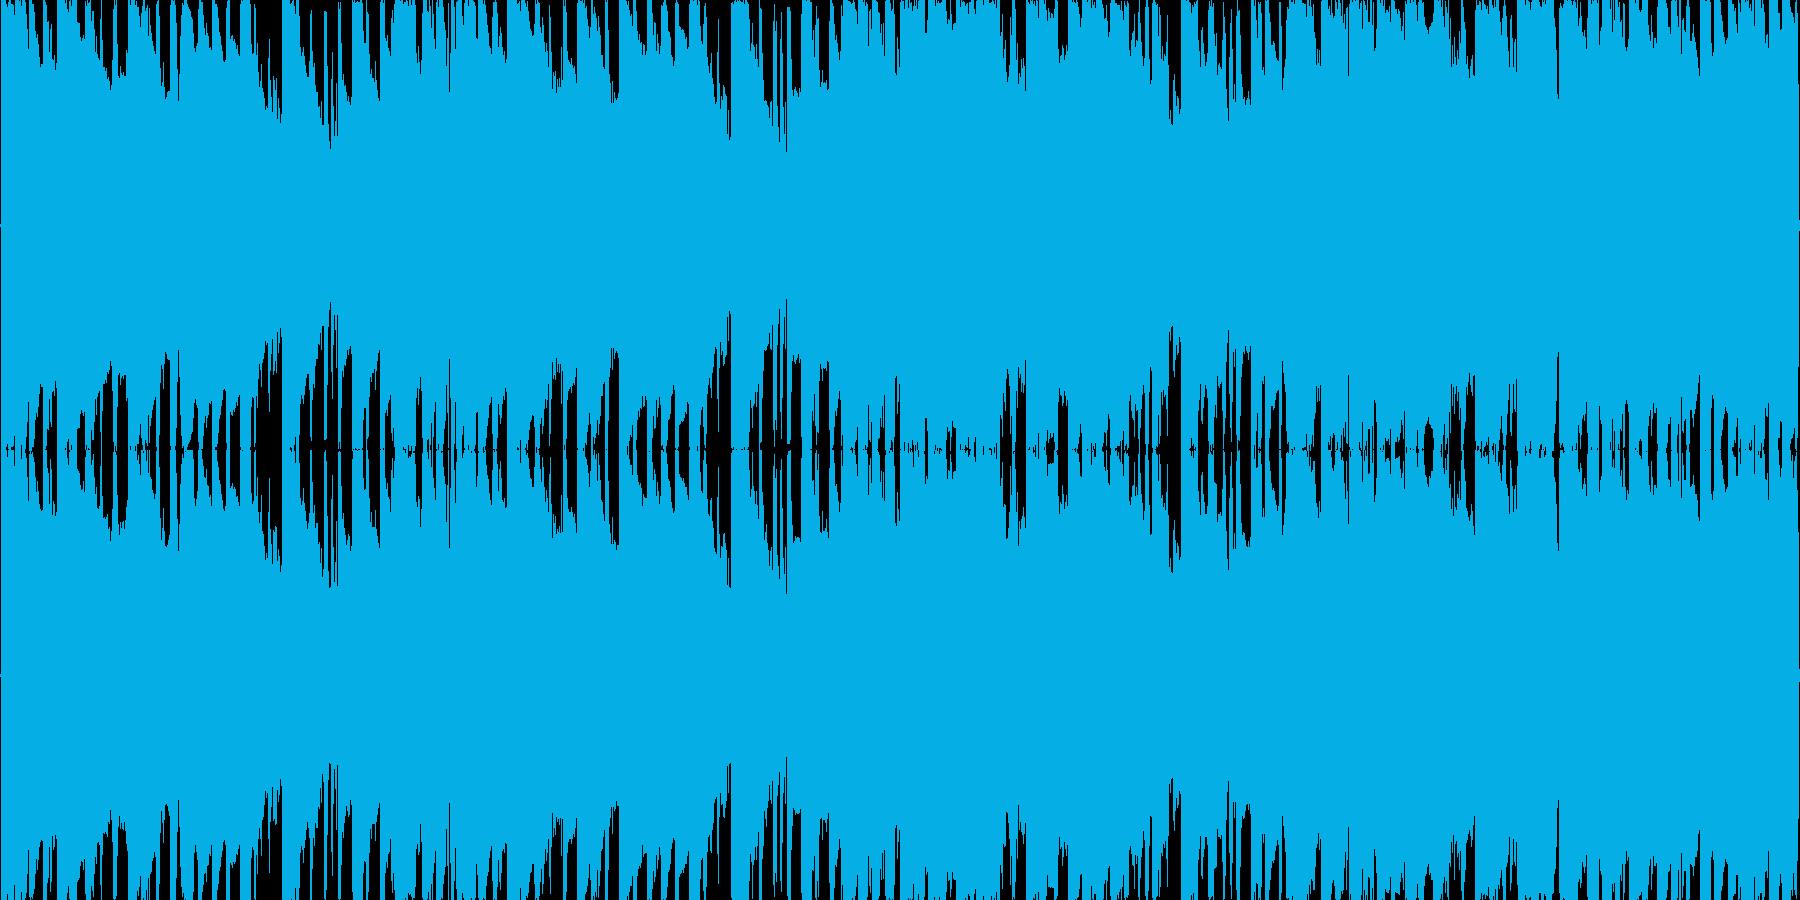 8bitチューンのRPG風フィールド用4の再生済みの波形